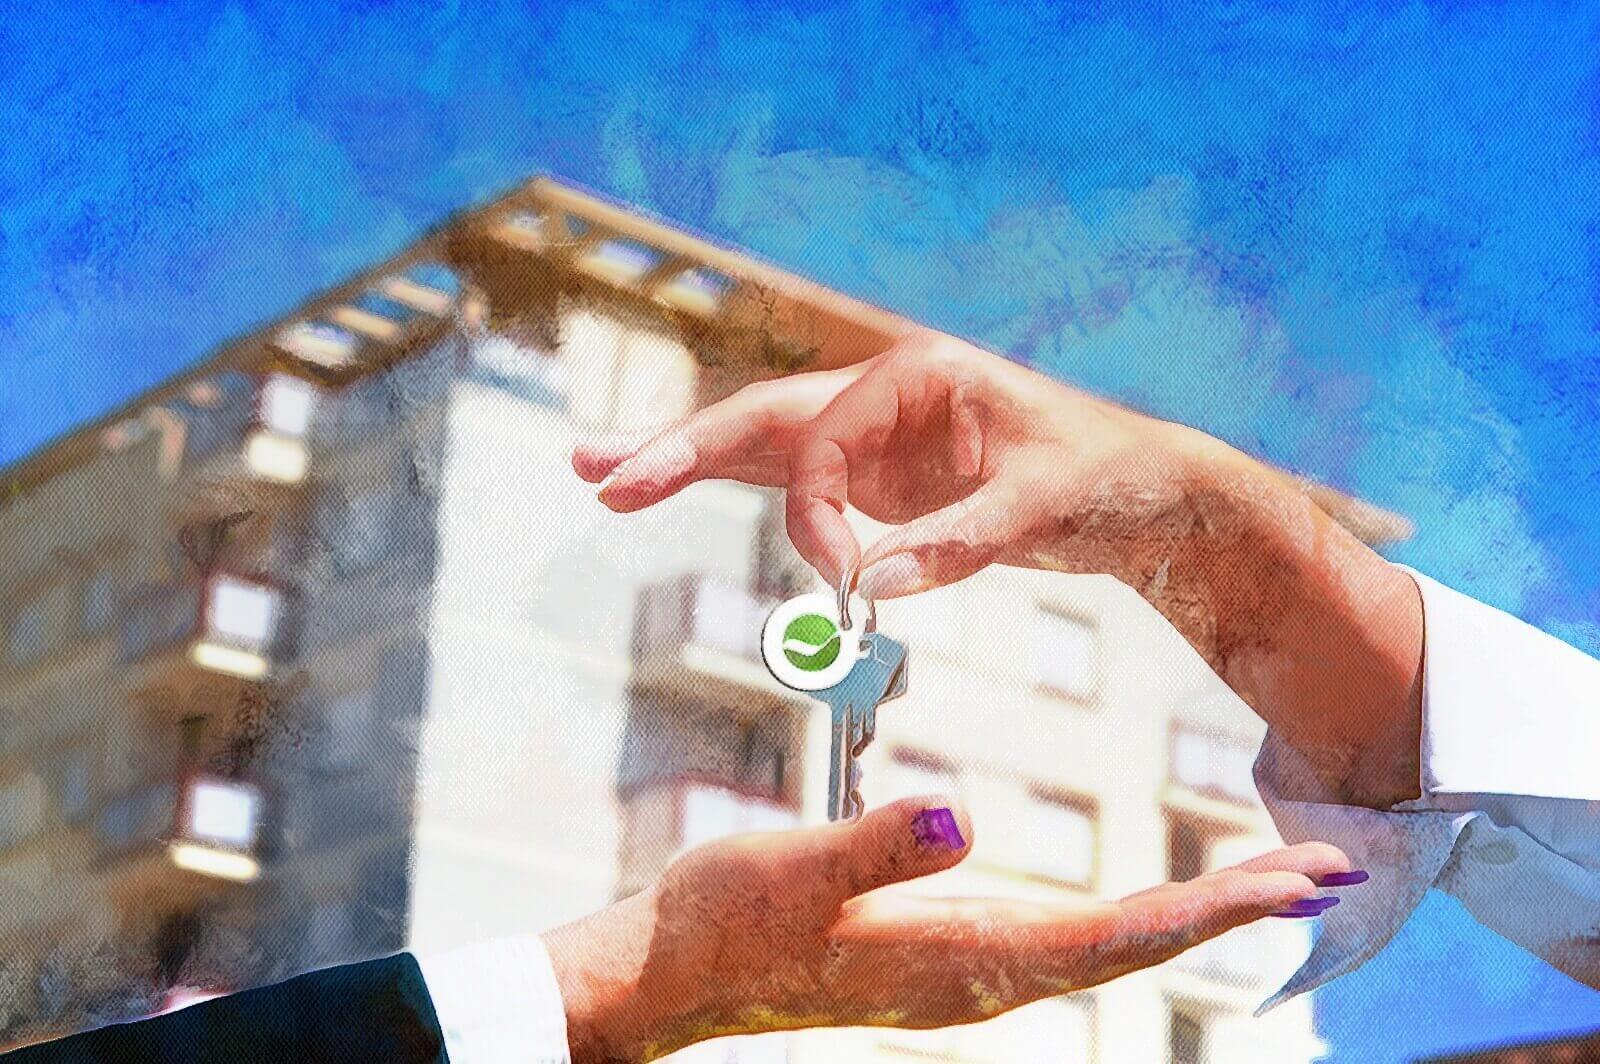 Целевой ипотечный кредит, виды и особенности, программы в банках, условия получения и требования к заемщику